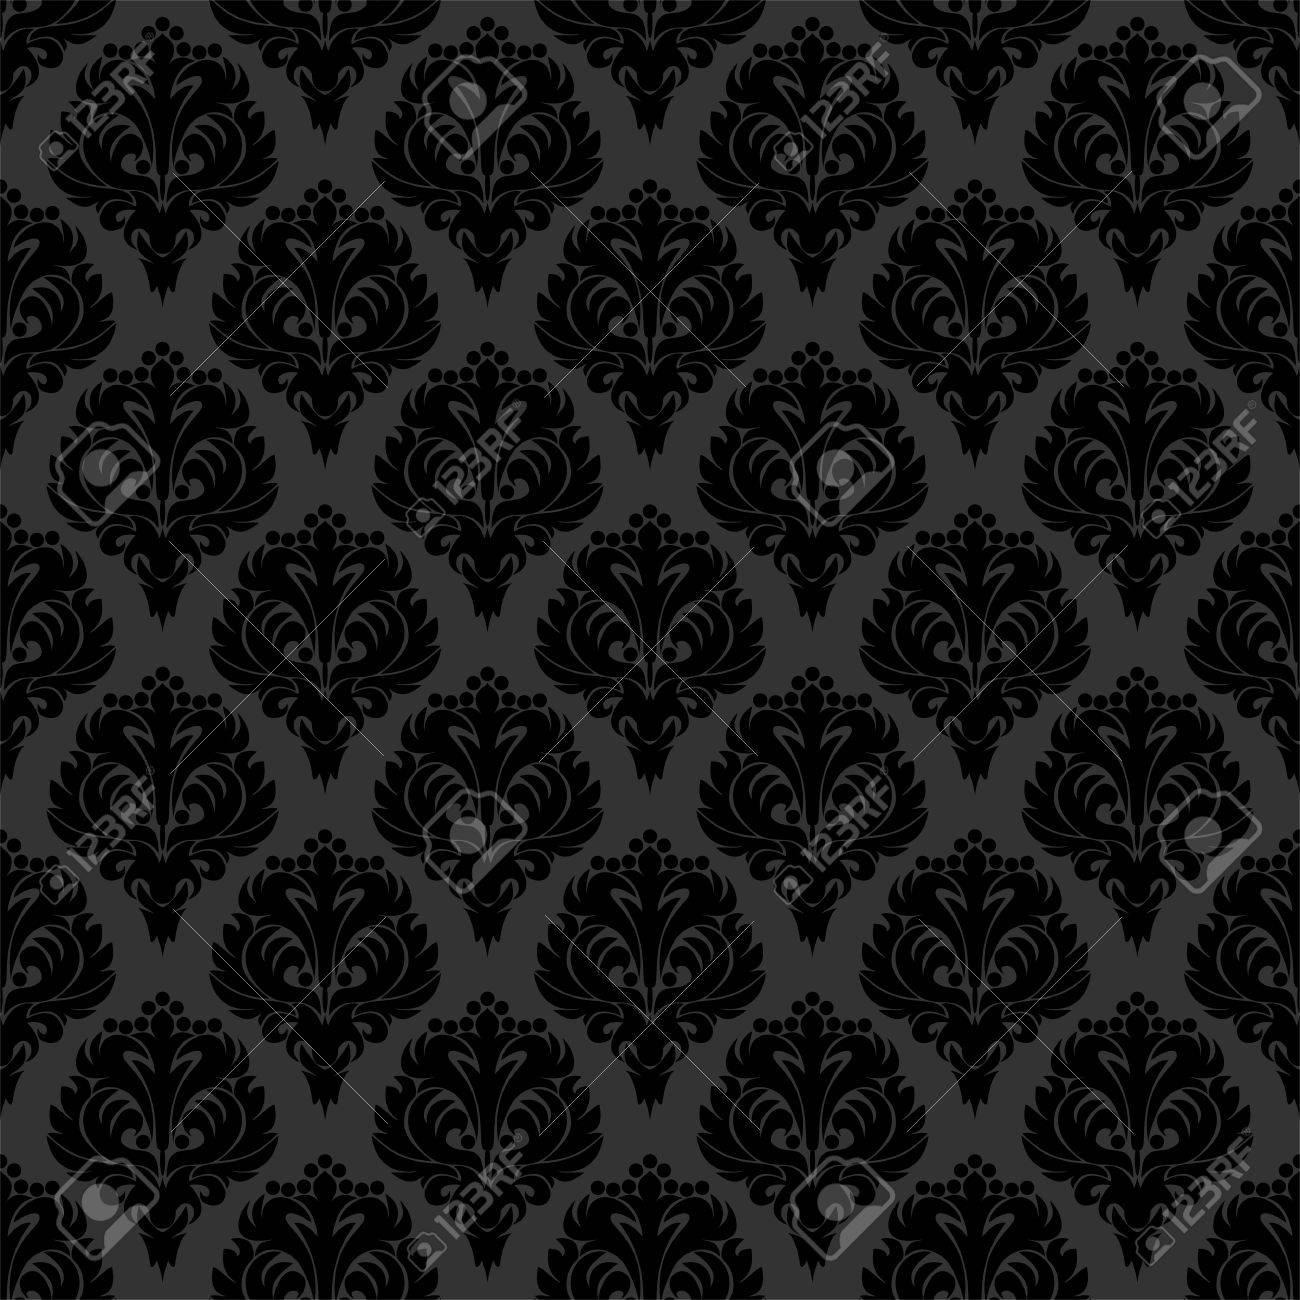 Seamless Black Damask Wallpaper